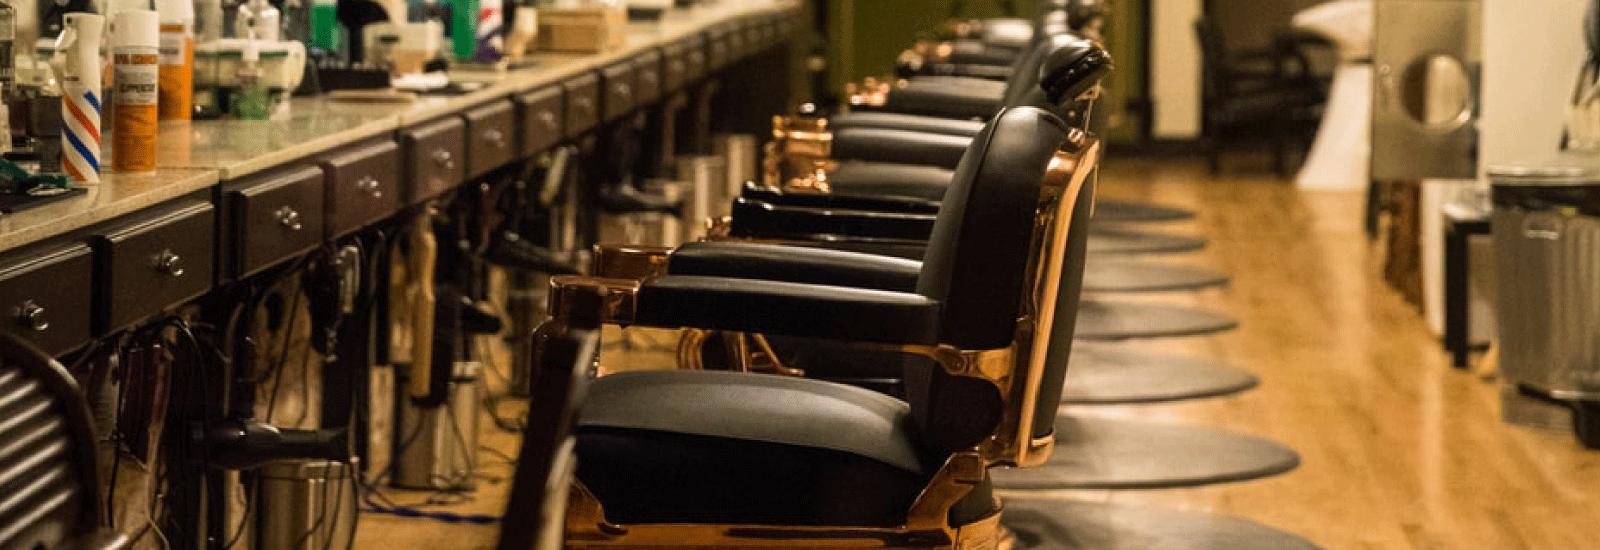 Davis-Monthan AFB Barber Shops